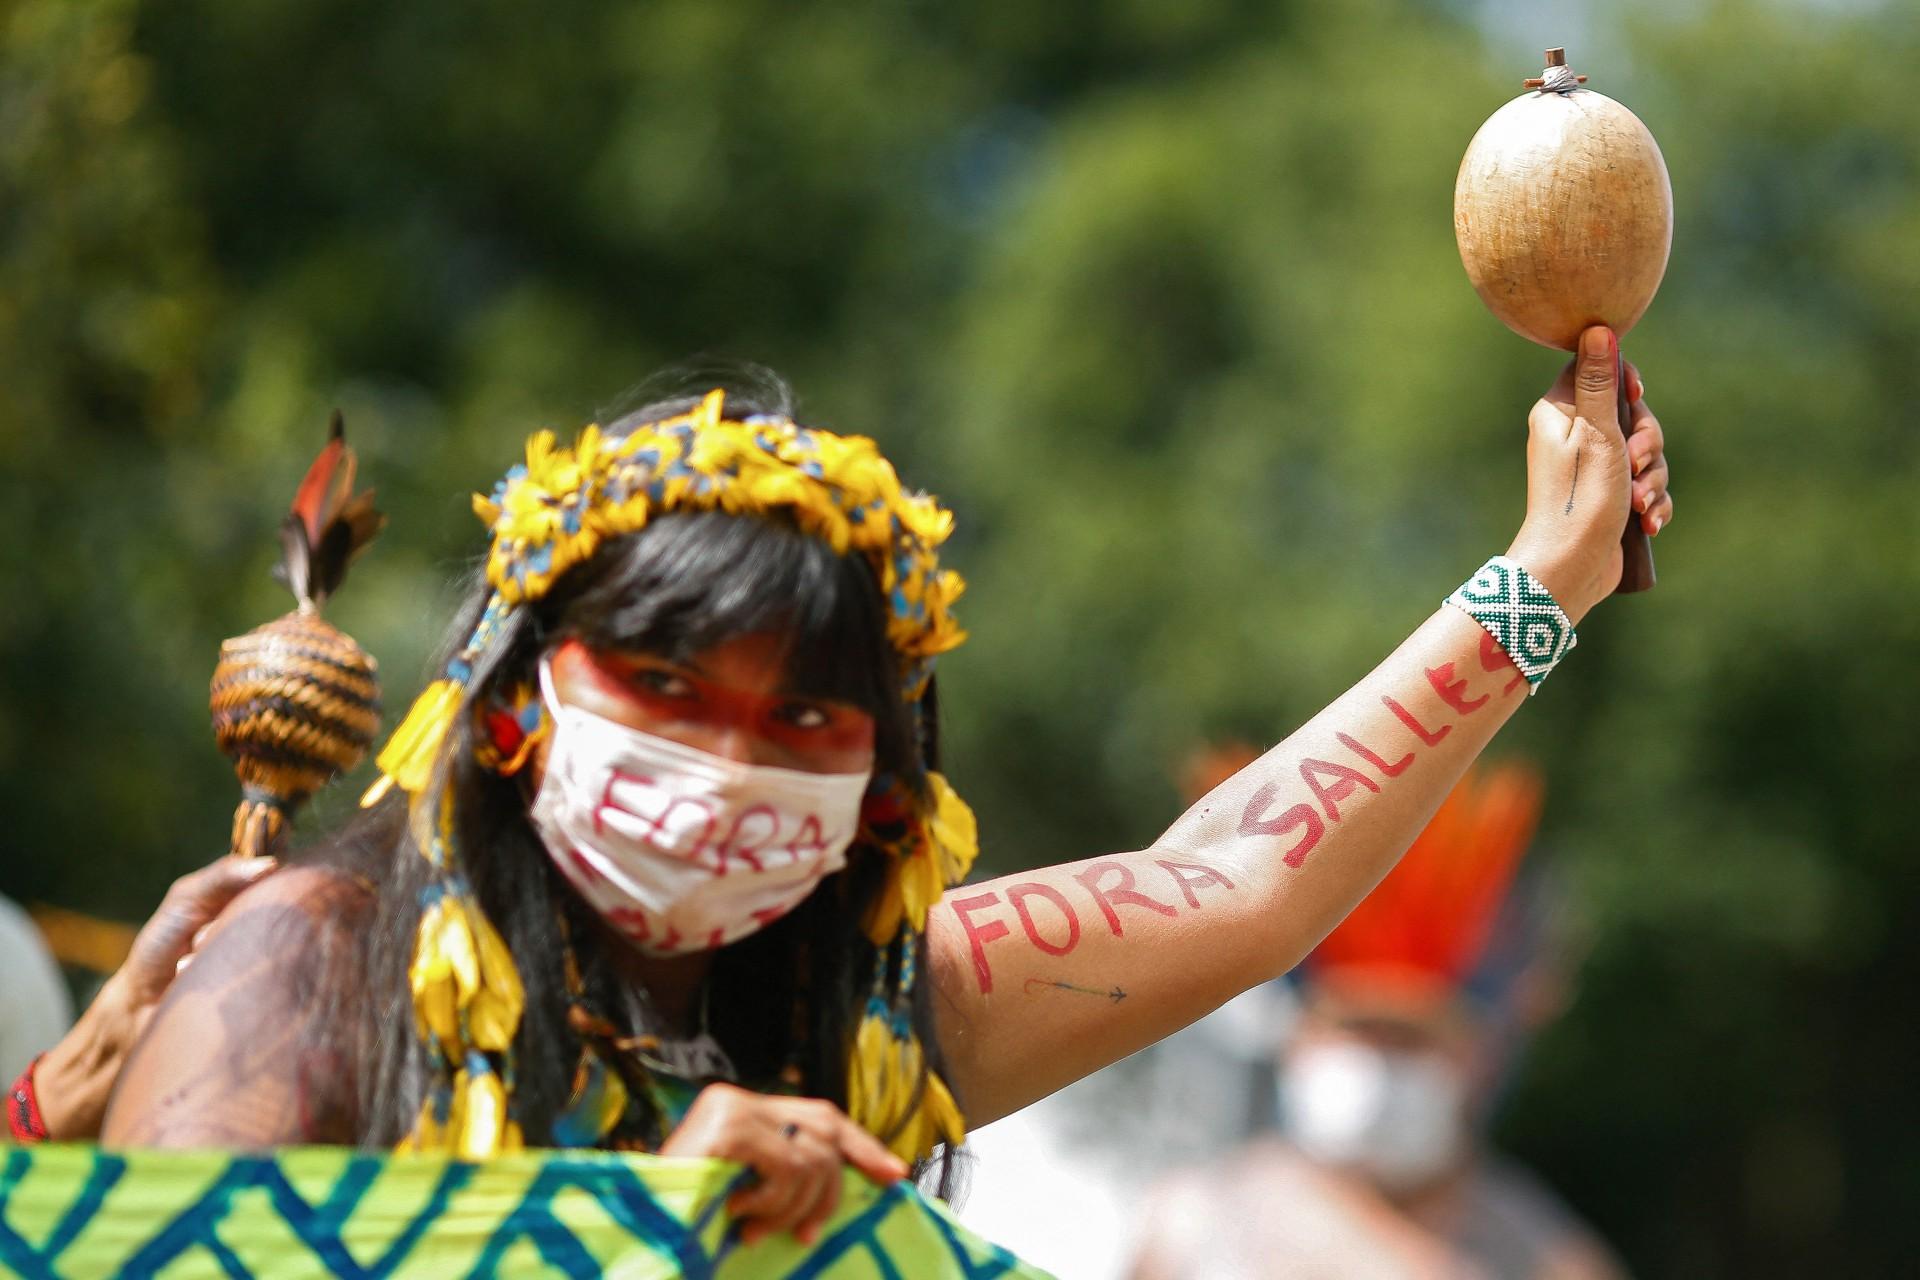 Uma mulher indígena com o braço e uma máscara protetora lendo - Fora Salles, referindo-se ao ministro do Meio Ambiente, Ricardo Salles, participa de um protesto contra a política de mineração do presidente Jair Bolsonaro em relação às terras indígenas, em frente ao prédio do Ministério do Meio Ambiente em Brasília, no dia 20 de abril, 2021, em meio à pandemia de COVID-19. (Foto Sergio Lima / AFP)(Foto: SERGIO LIMA / AFP)